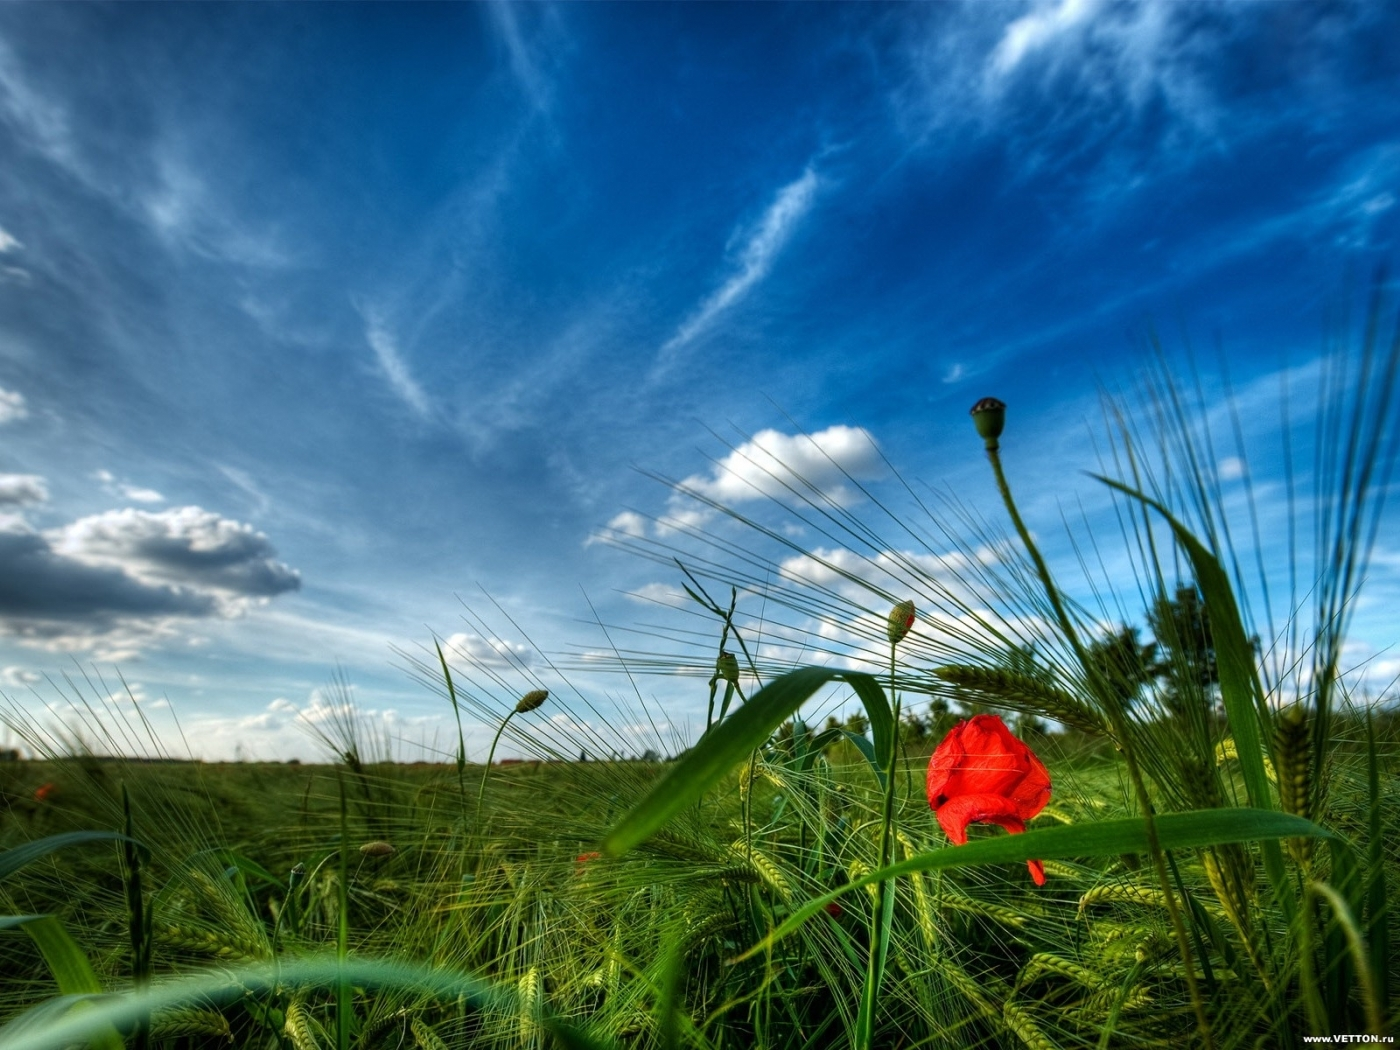 Скачать картинку Небо, Облака, Растения, Поля, Пейзаж в телефон бесплатно.